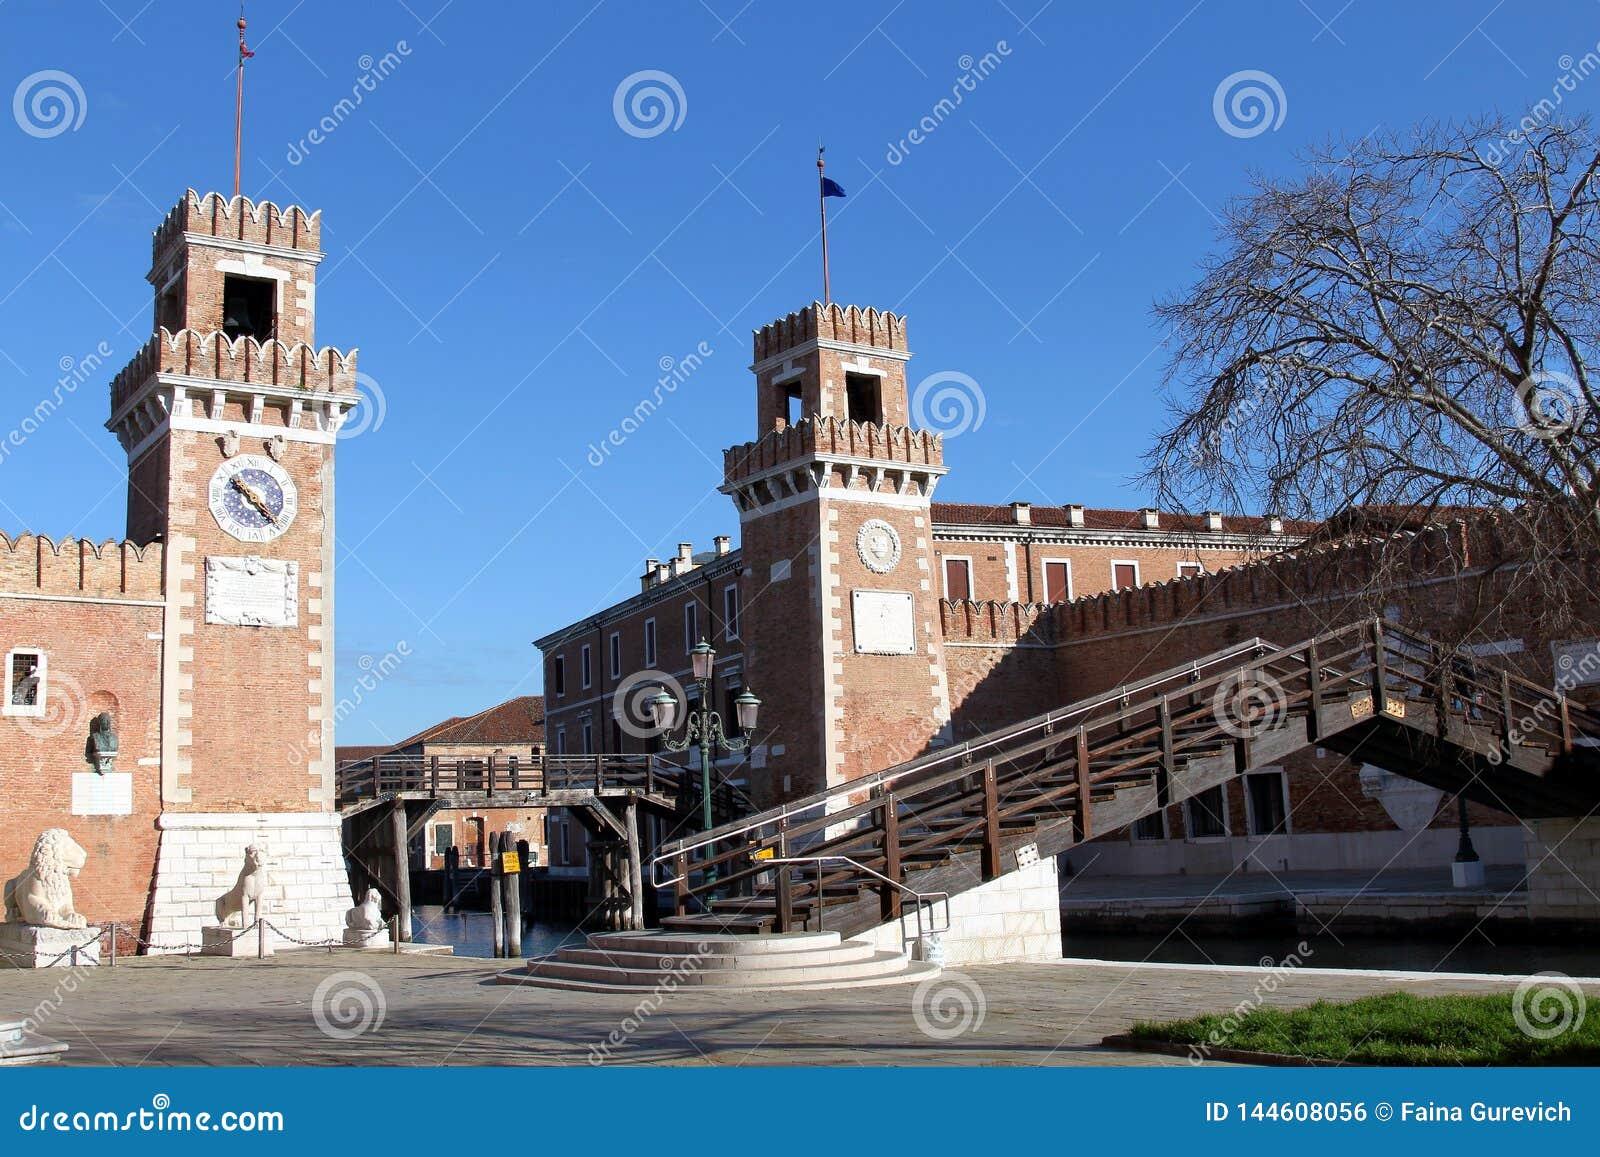 Astillero viejo del arsenal veneciano en Venecia, Italia